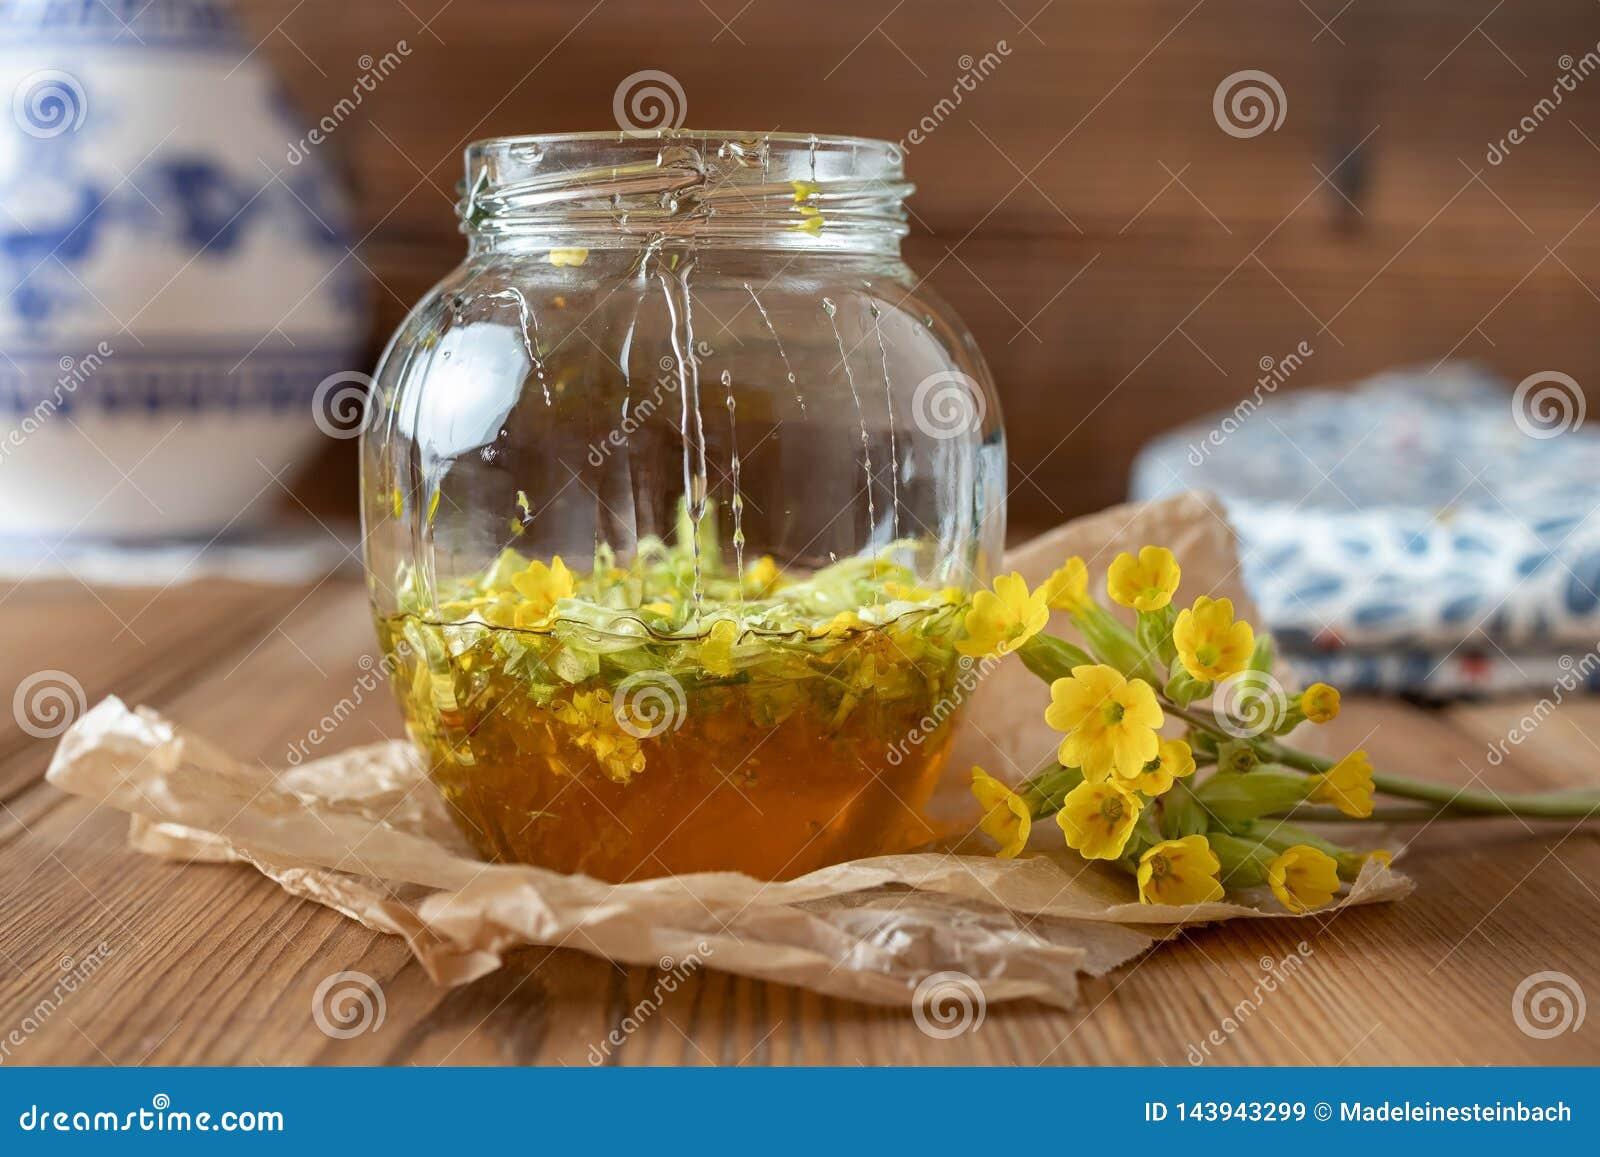 糖浆的准备从报春花花和蜂蜜的